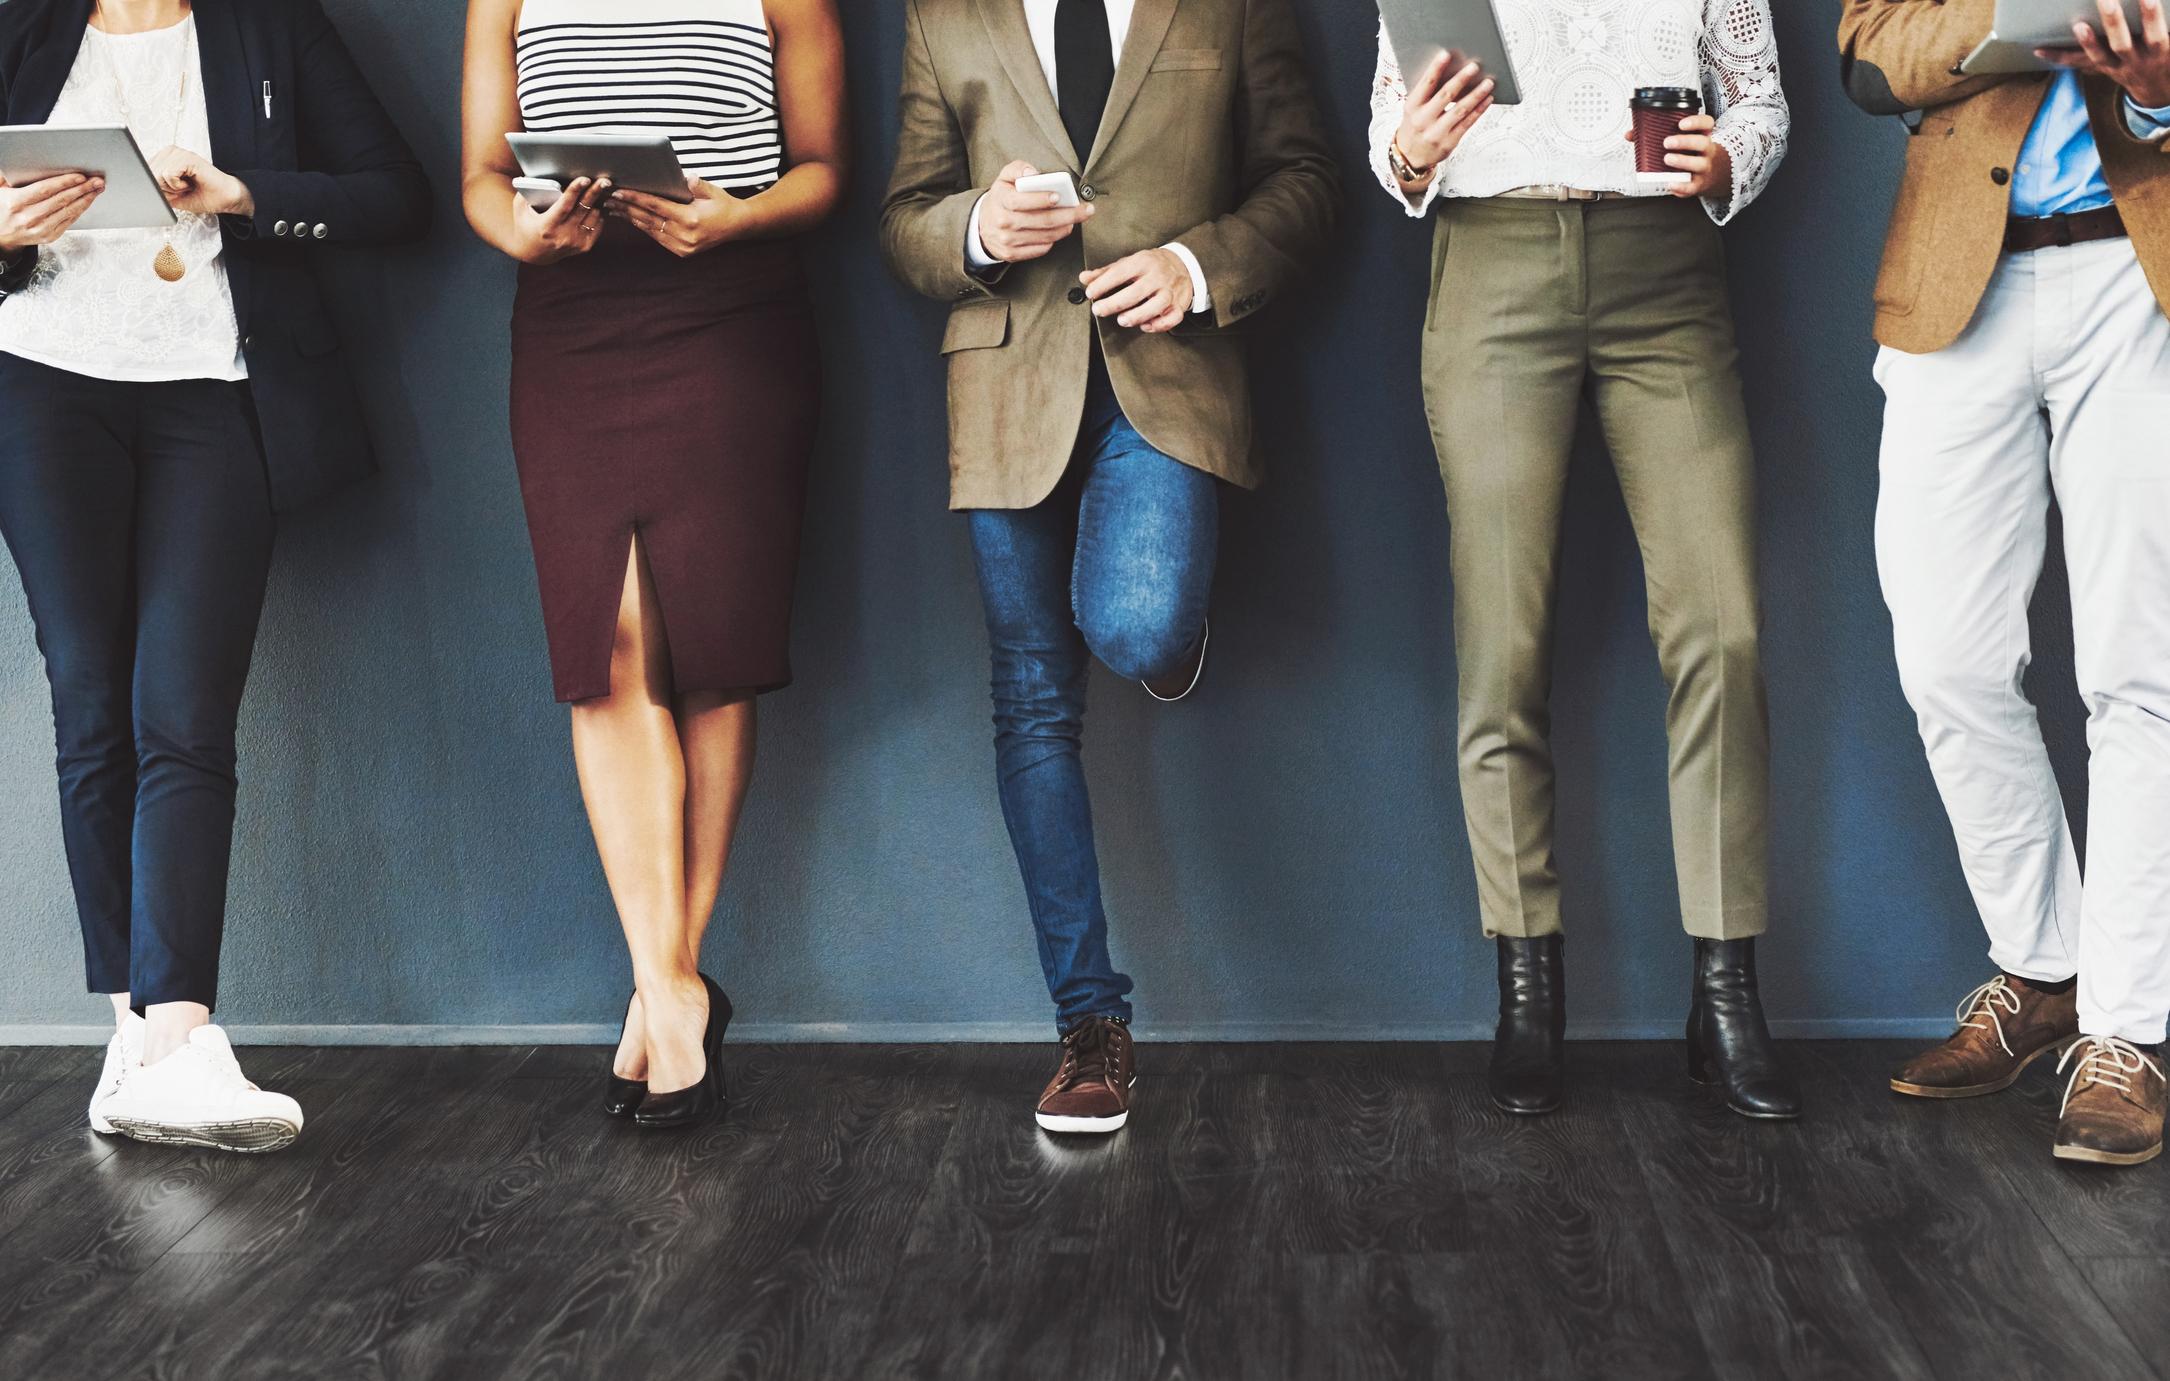 Trois étapes pour vous forger une carrière stimulante